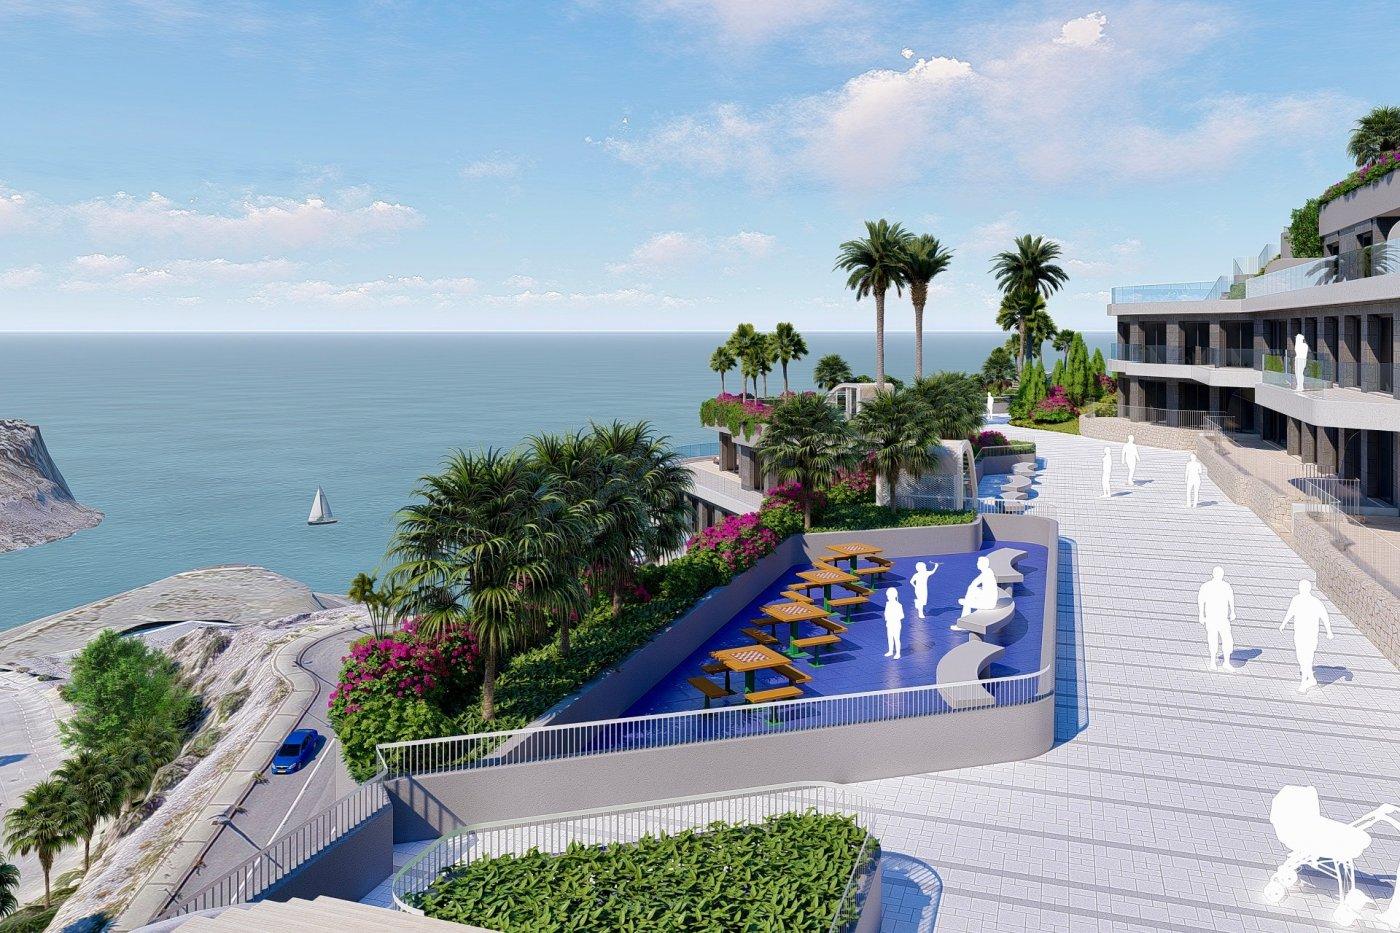 Galleribillede 19 of Exceptionel 2 etagers 4 vær luksus lejlighed, panorama udsigt, 58 m2 og 24 m2 solterrasser